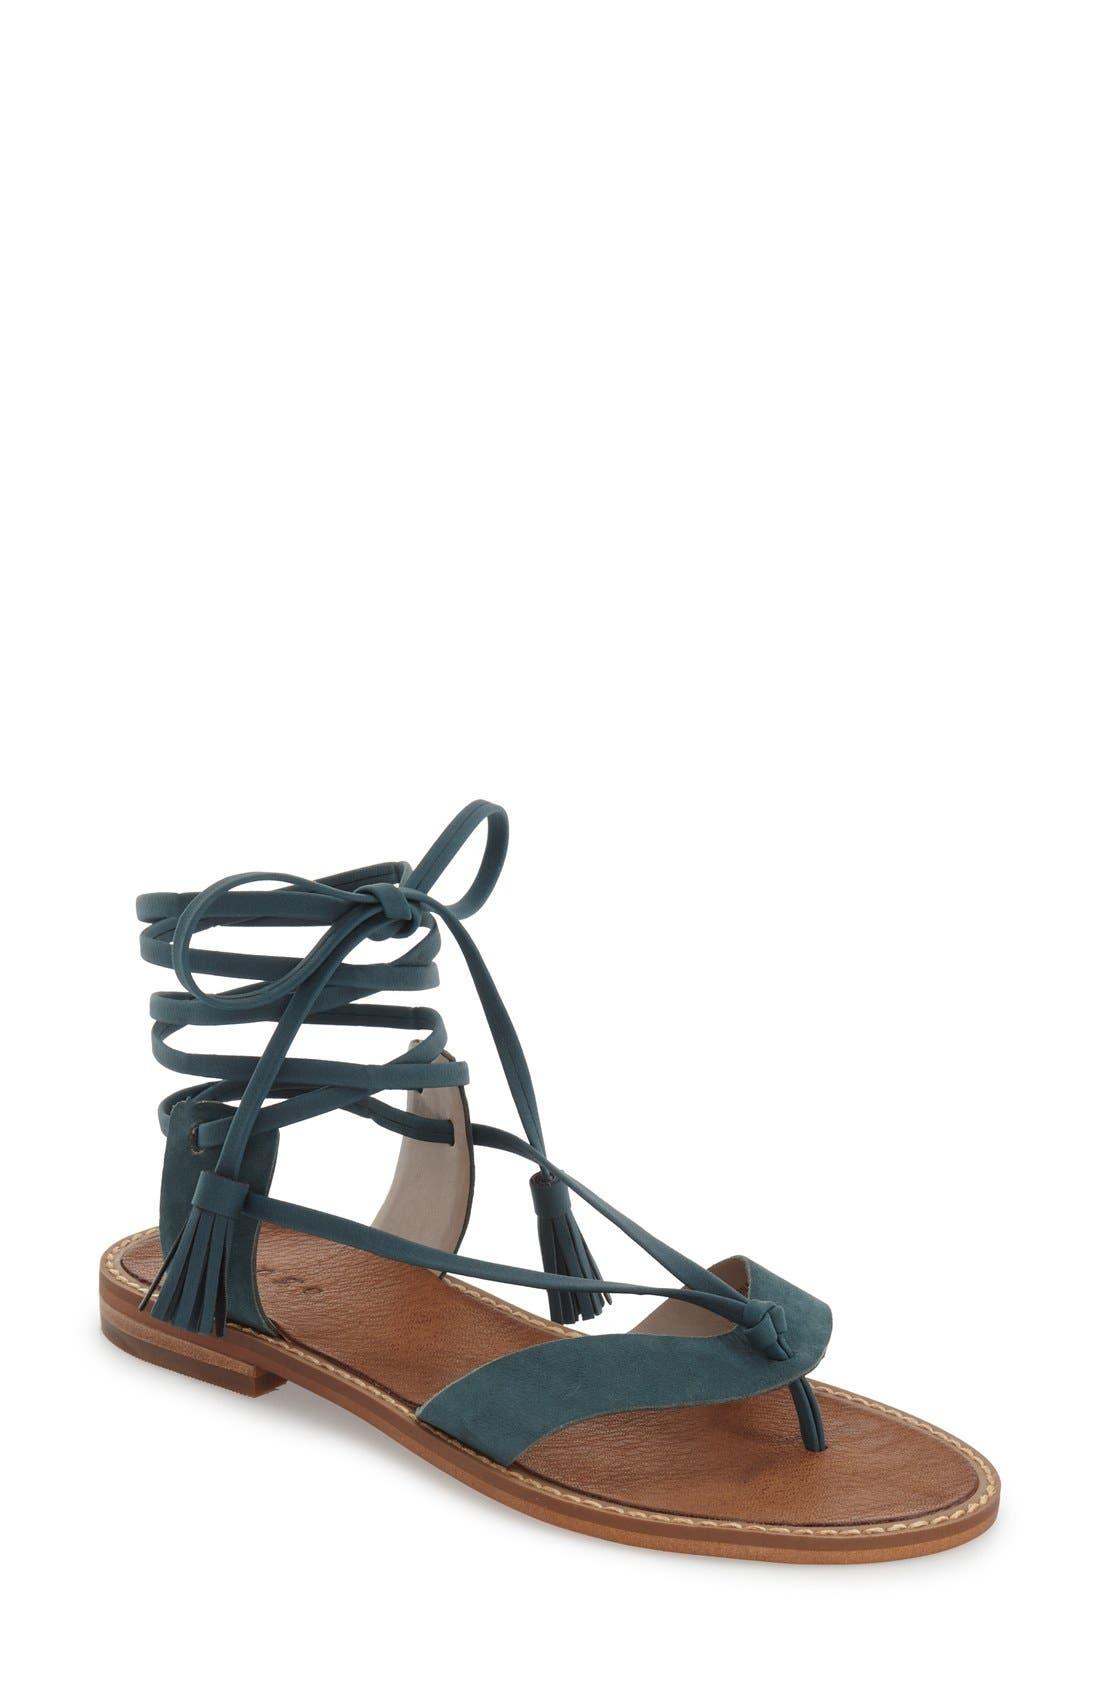 Main Image - Hinge 'Avery' Wraparound Strap Sandal (Women)